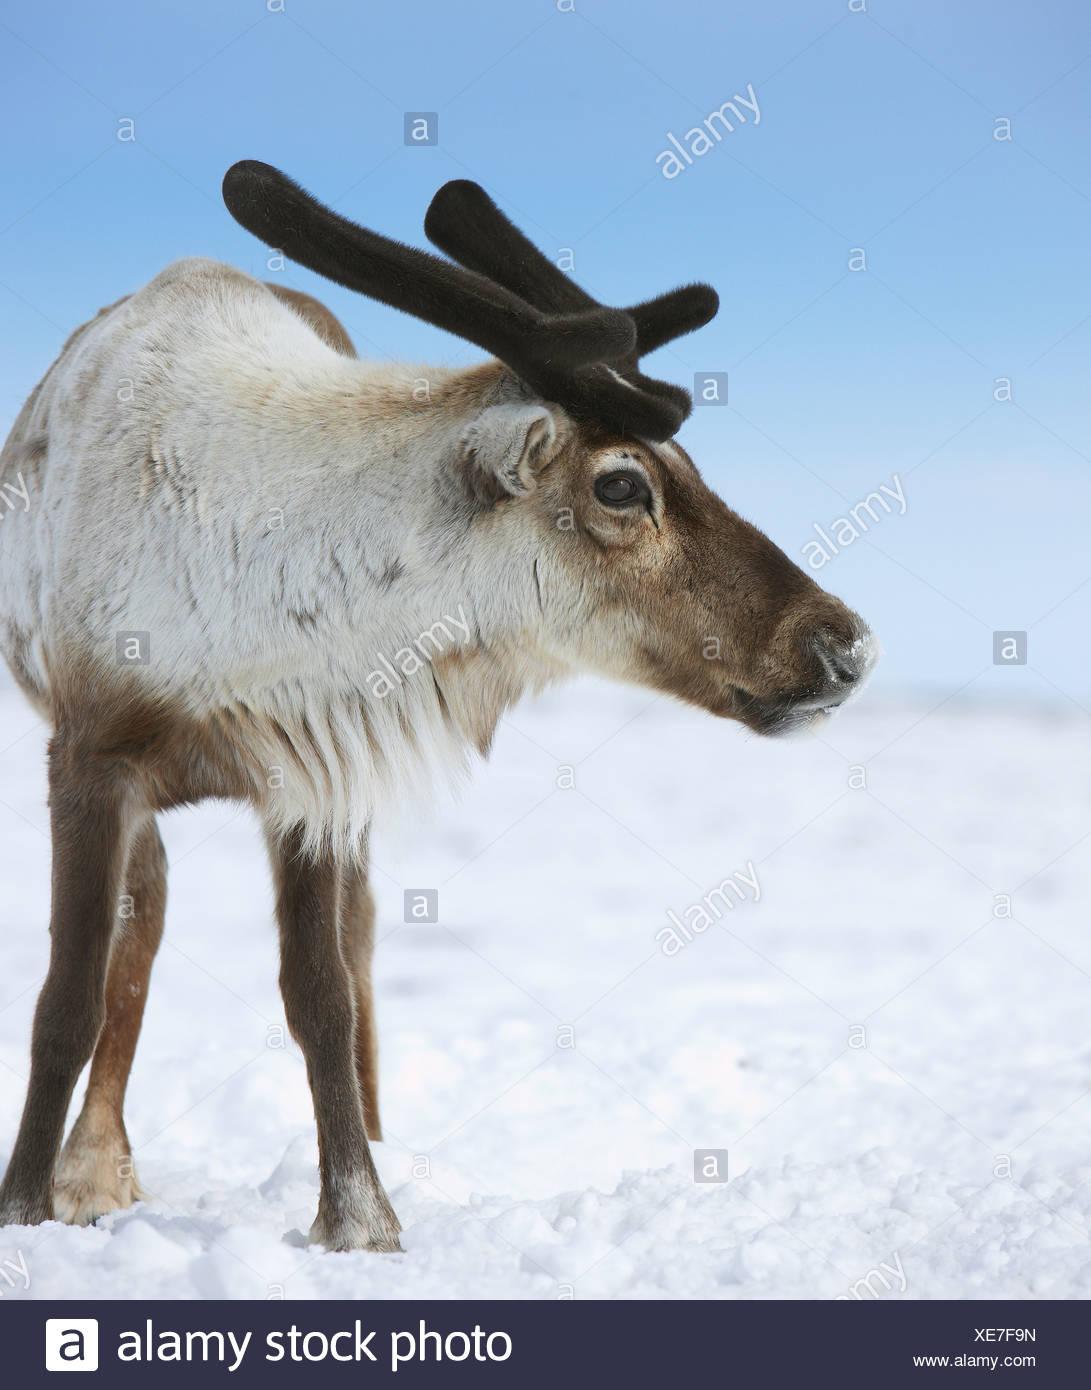 Young Reindeer, Chukotka, Siberia, Russia - Stock Image